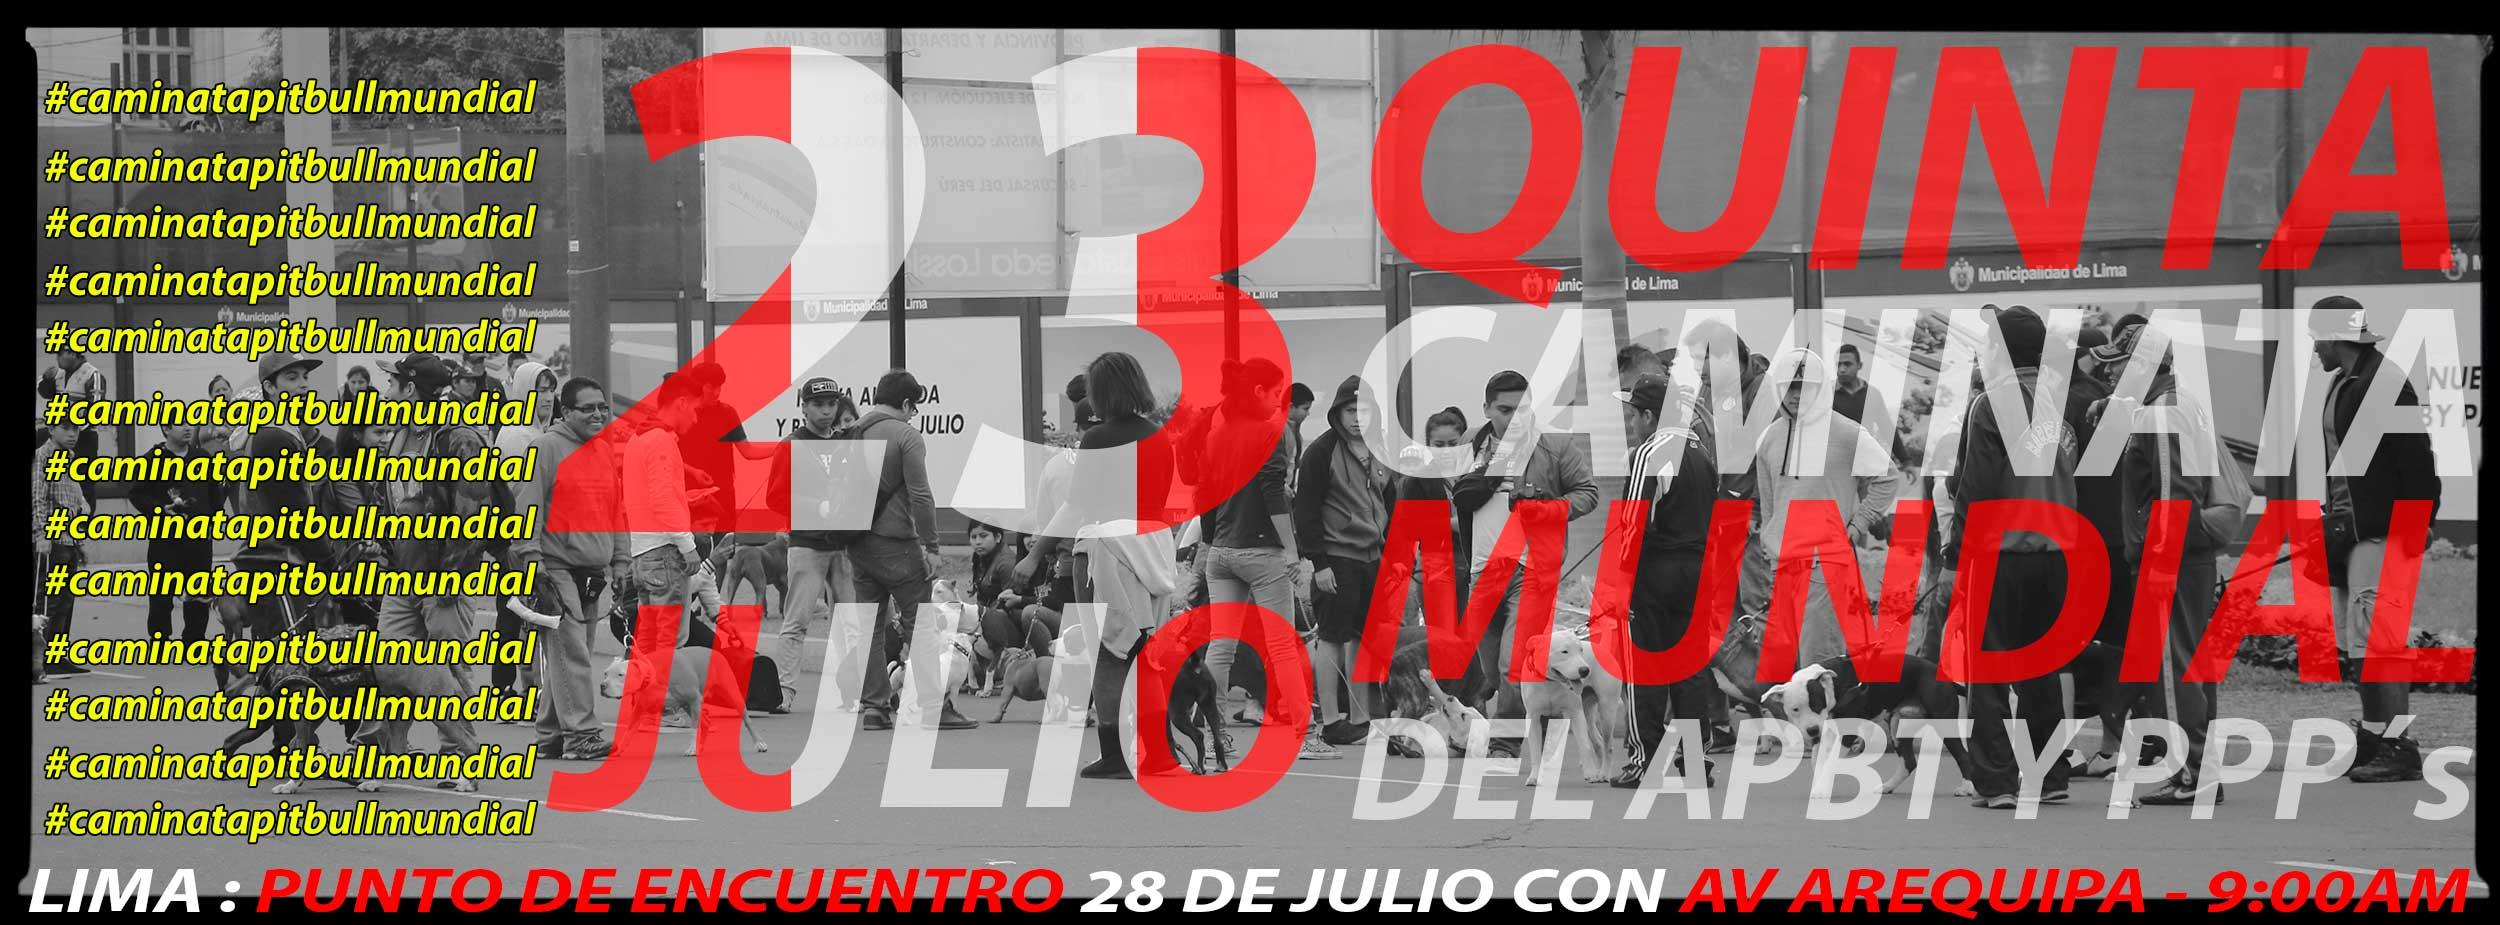 Quinta Caminata PIT BULL Mundial 23 de JULIO 2017